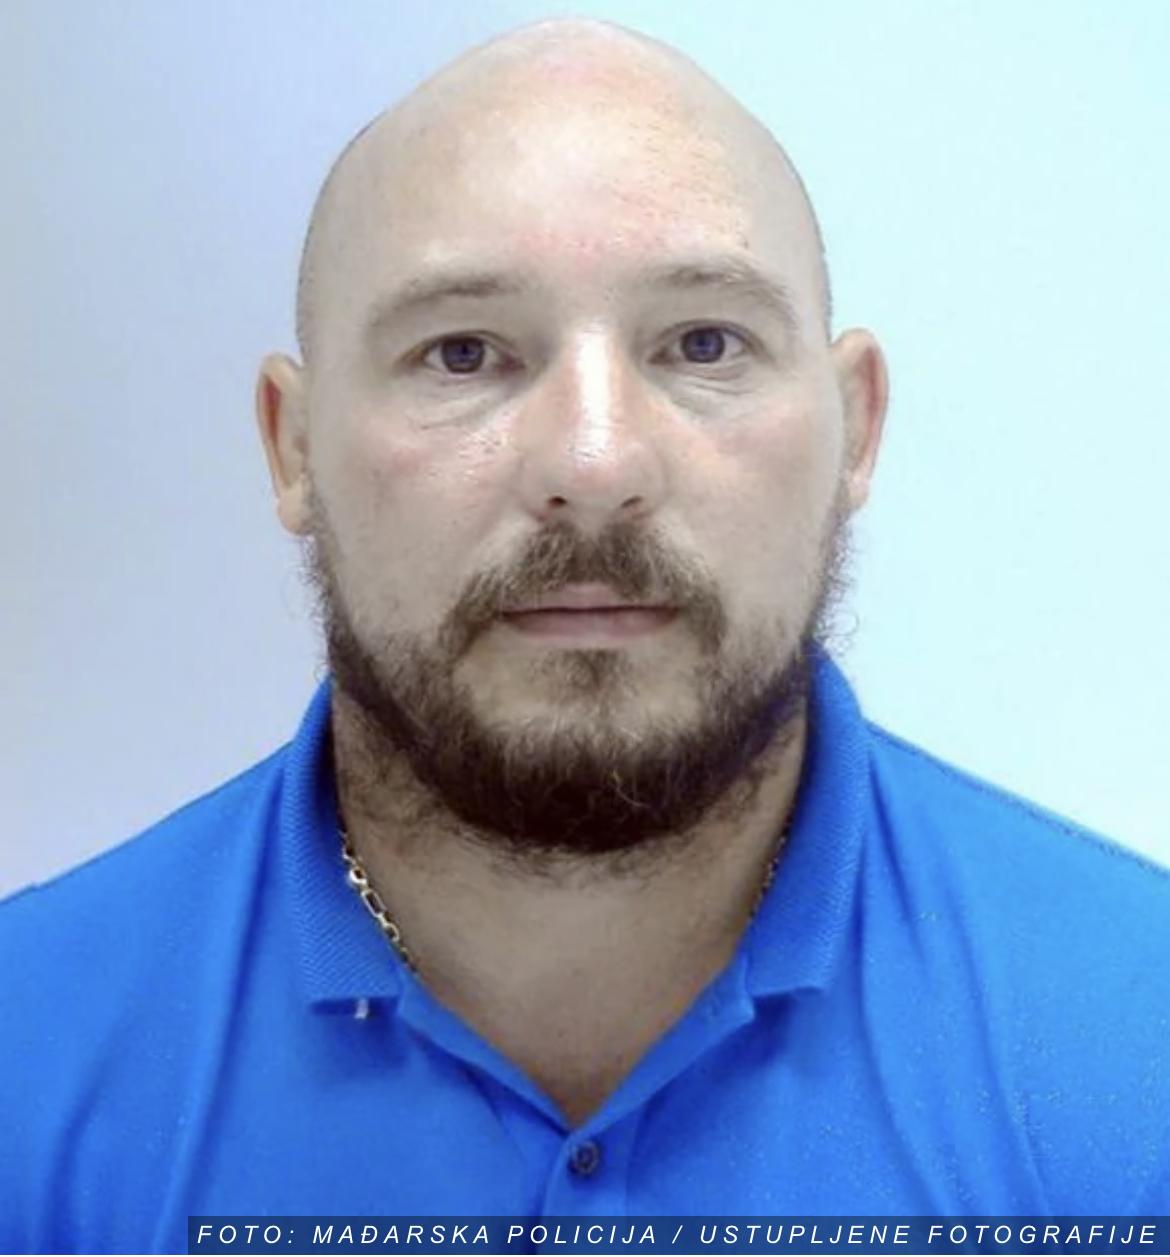 ČABA DER PREREZAO SEBI VRAT Plaćeni ubica brijačem pokušao da se ubije u samici